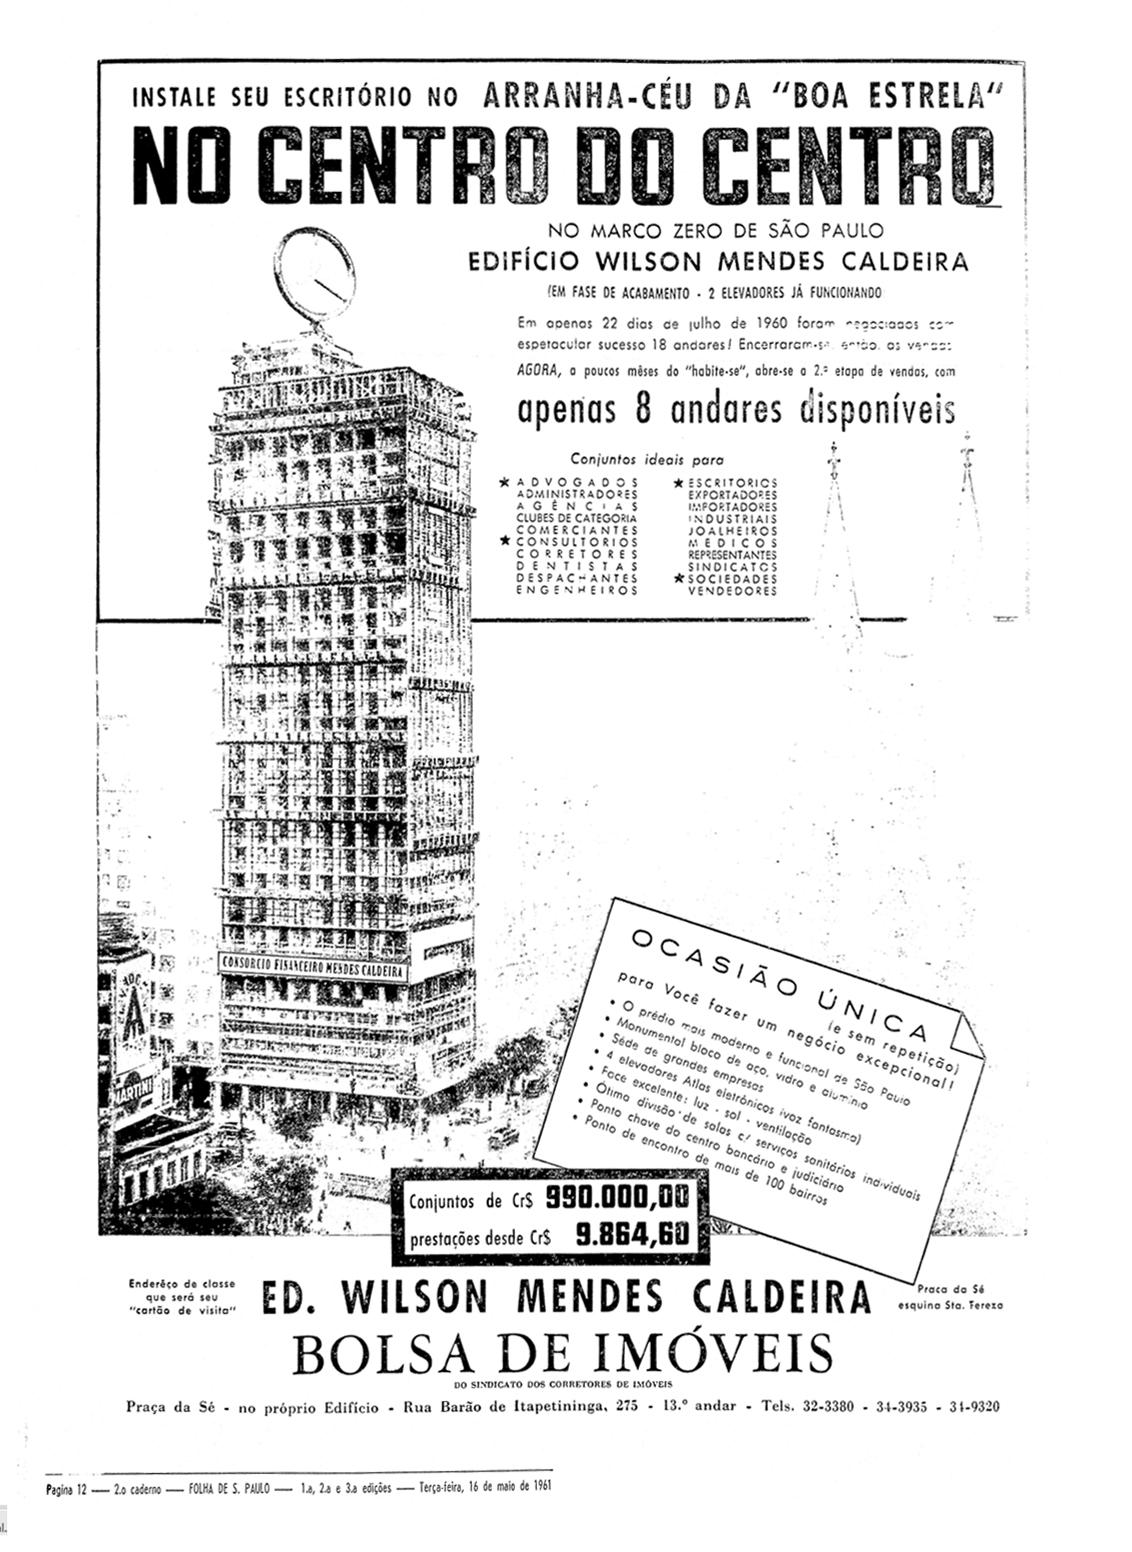 edifício wilson mendes caldeira